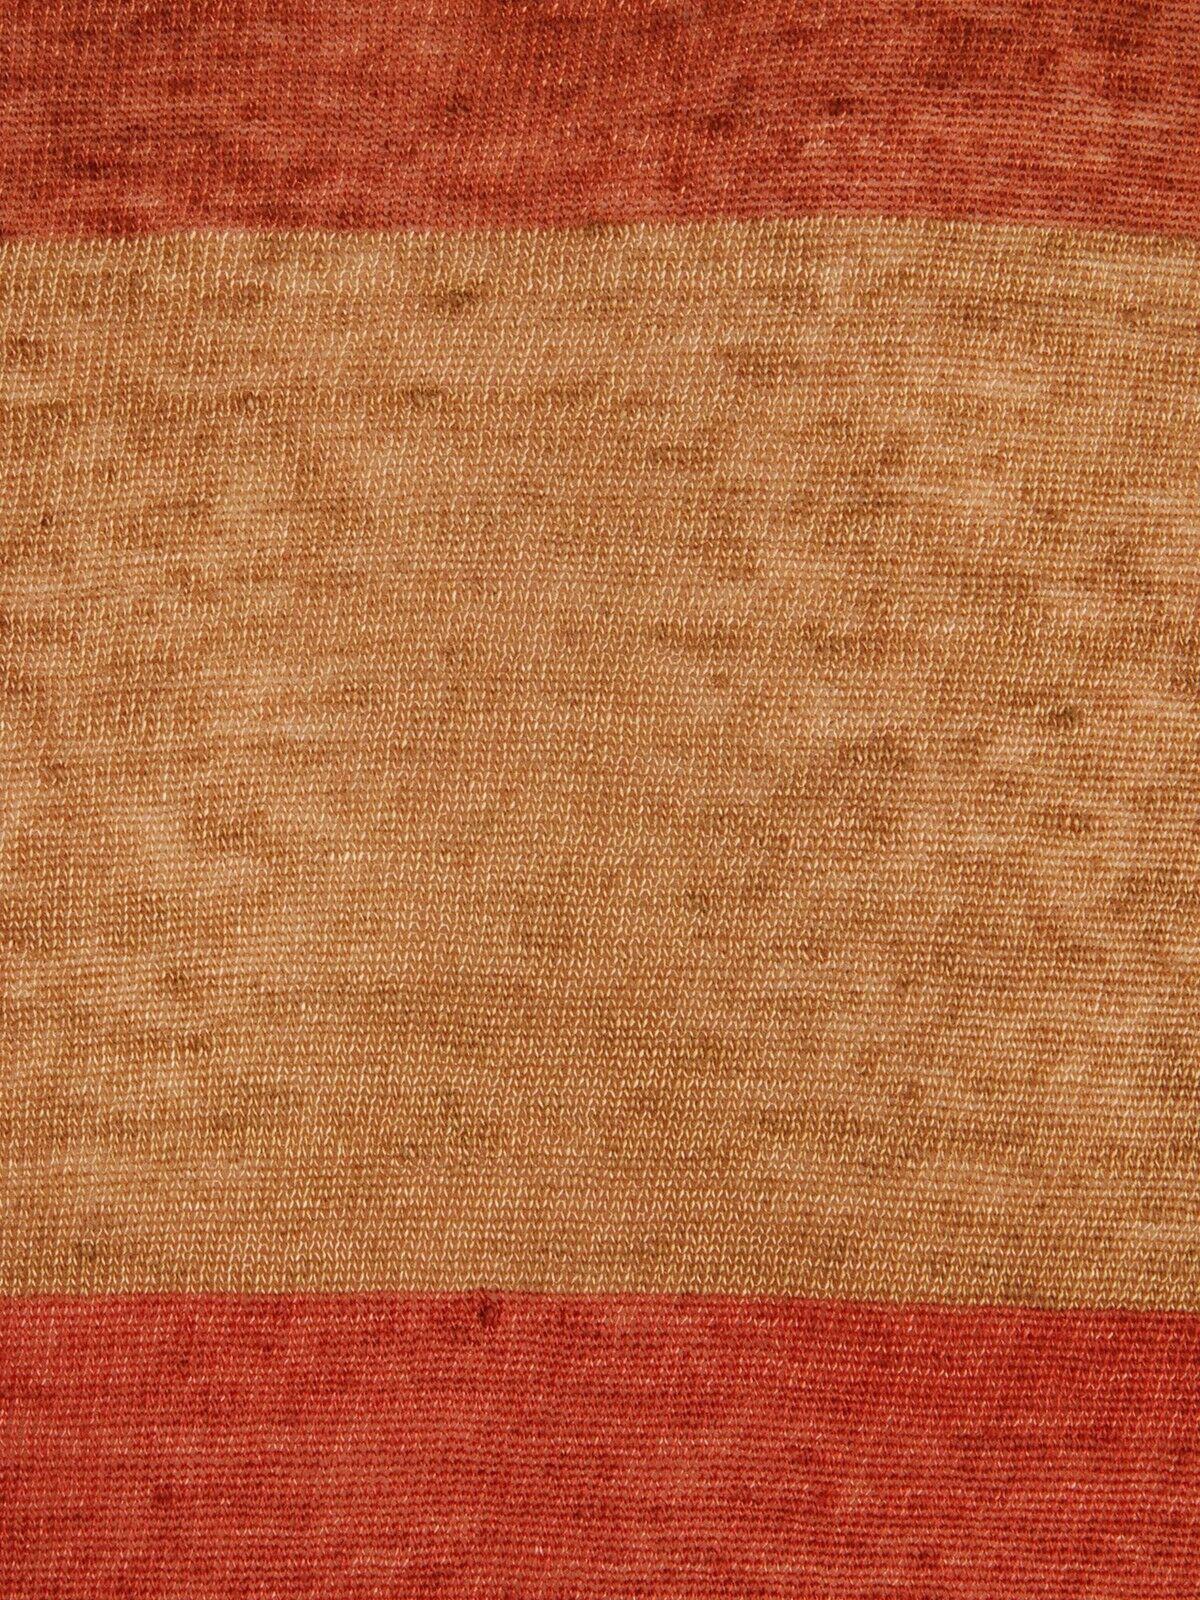 DIESEL Rosso k-alcor Rosso DIESEL Maglione Taglia L 100% AUTENTICO e93698